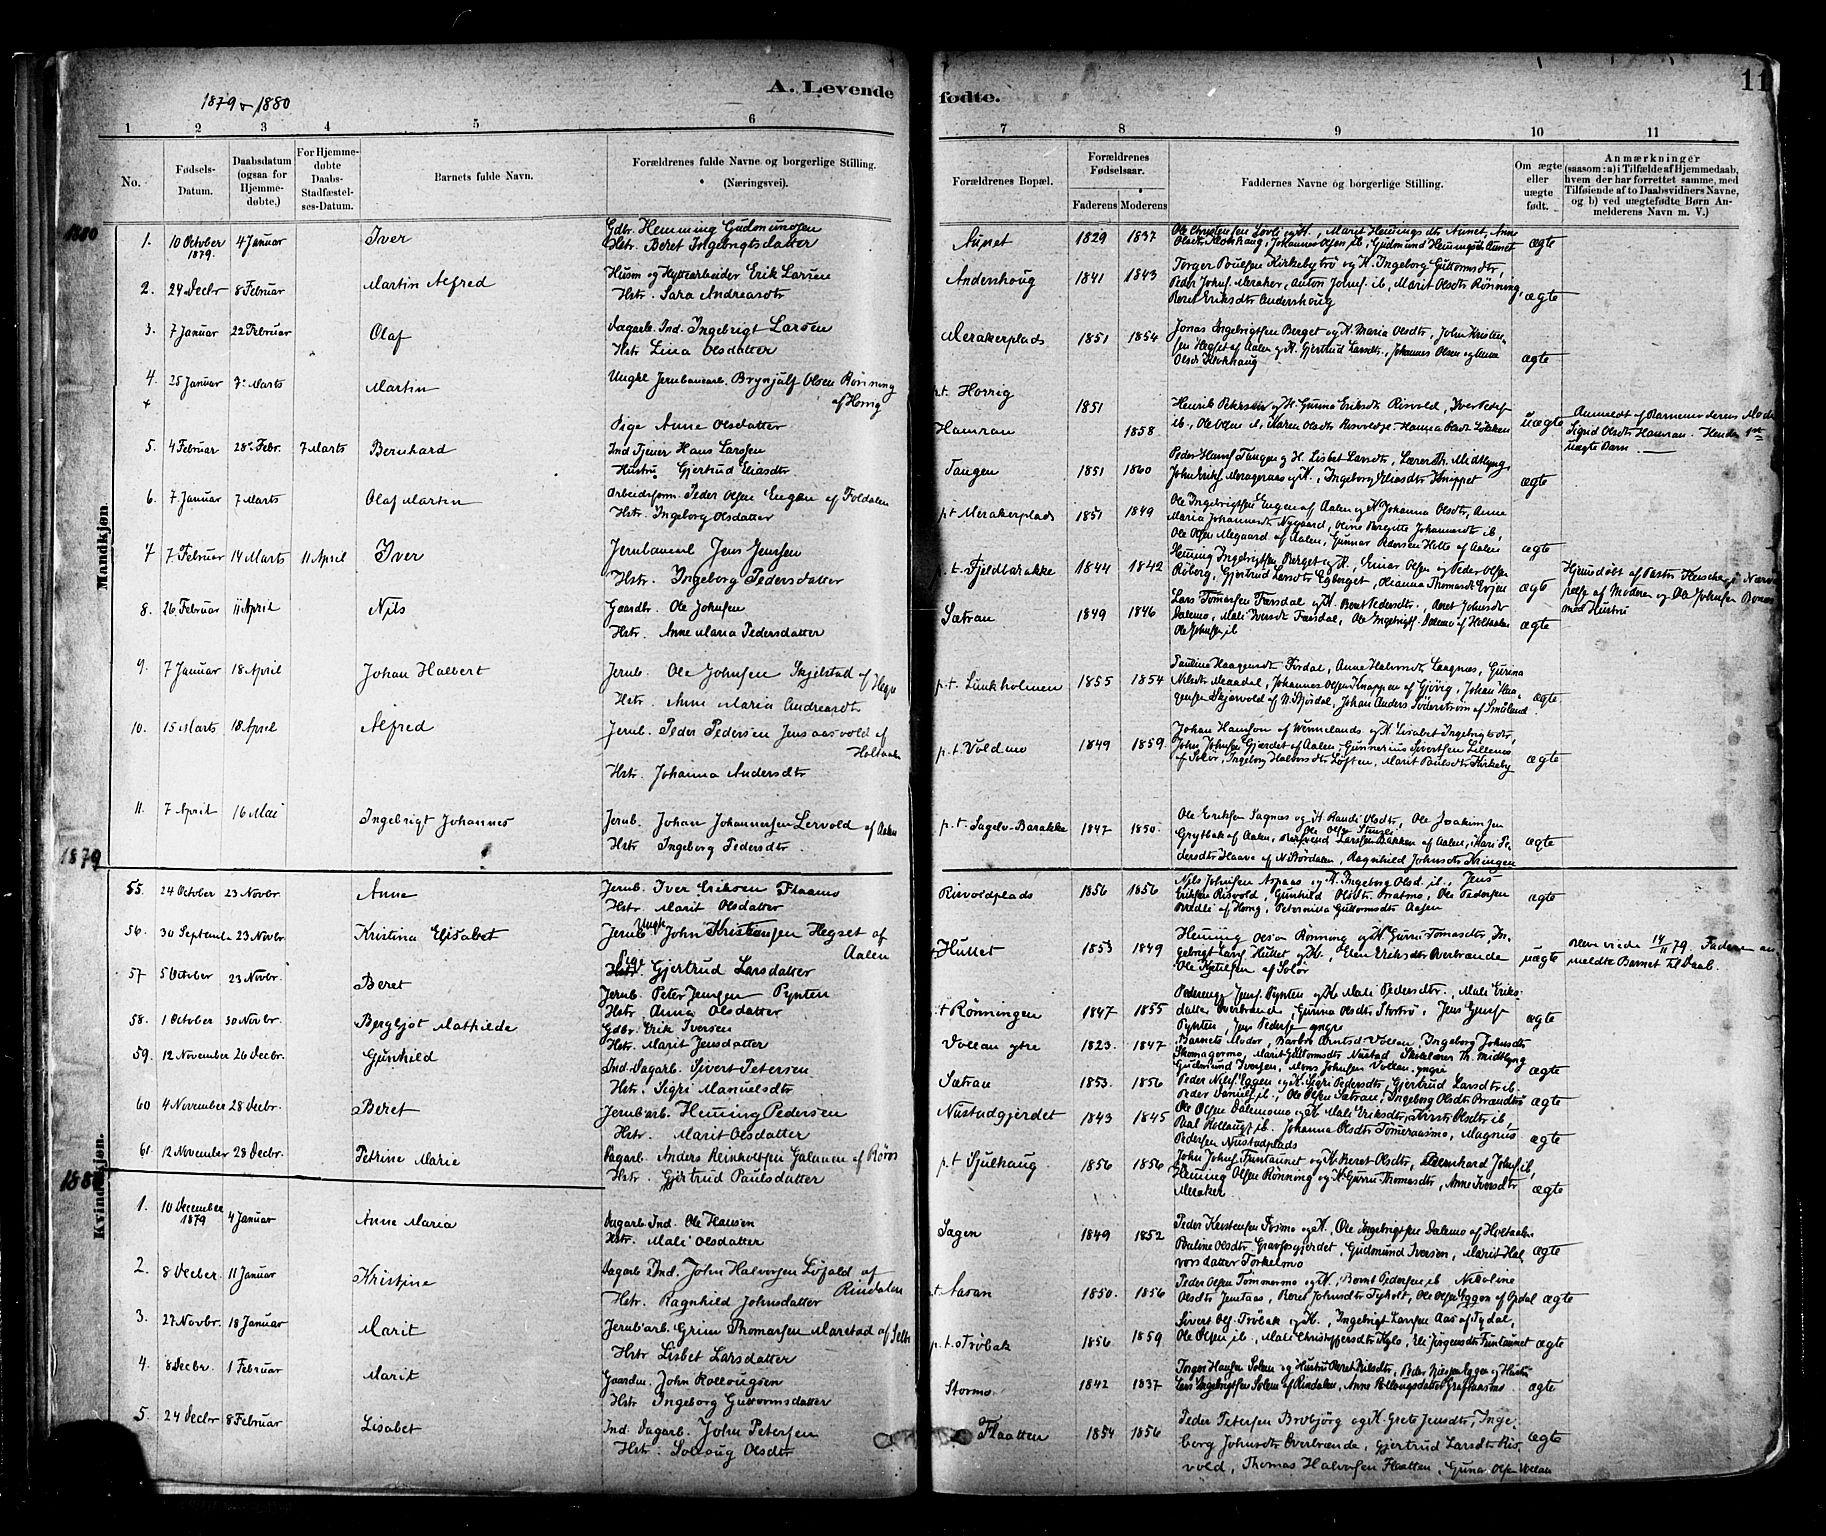 SAT, Ministerialprotokoller, klokkerbøker og fødselsregistre - Nord-Trøndelag, 706/L0047: Ministerialbok nr. 706A03, 1878-1892, s. 11